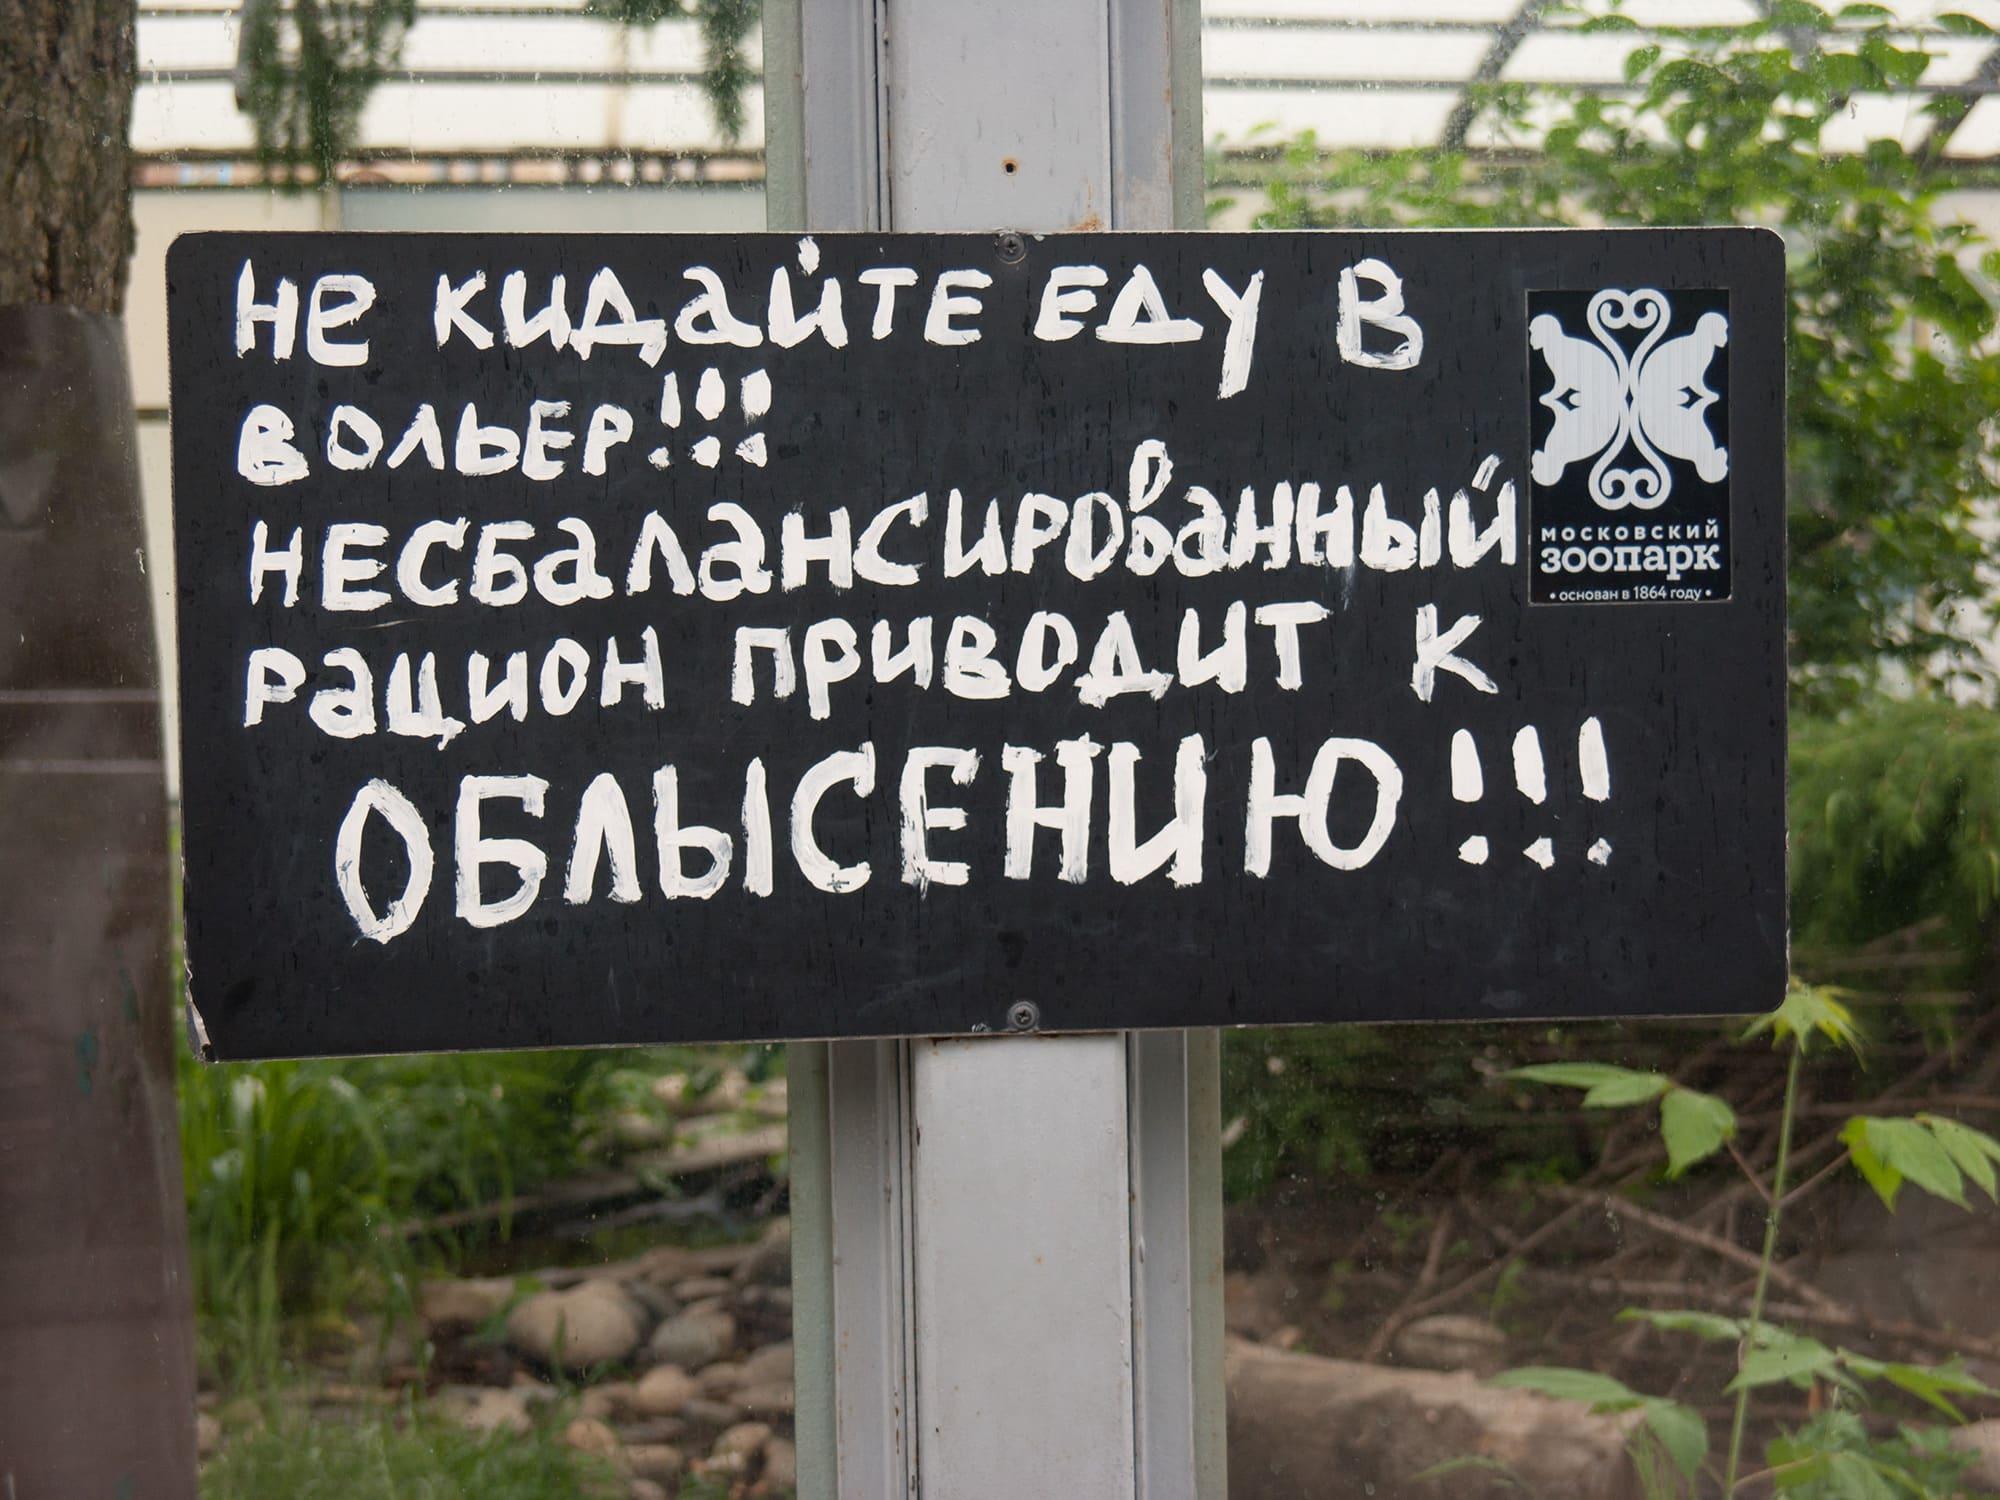 Объявление в Московском зоопарке